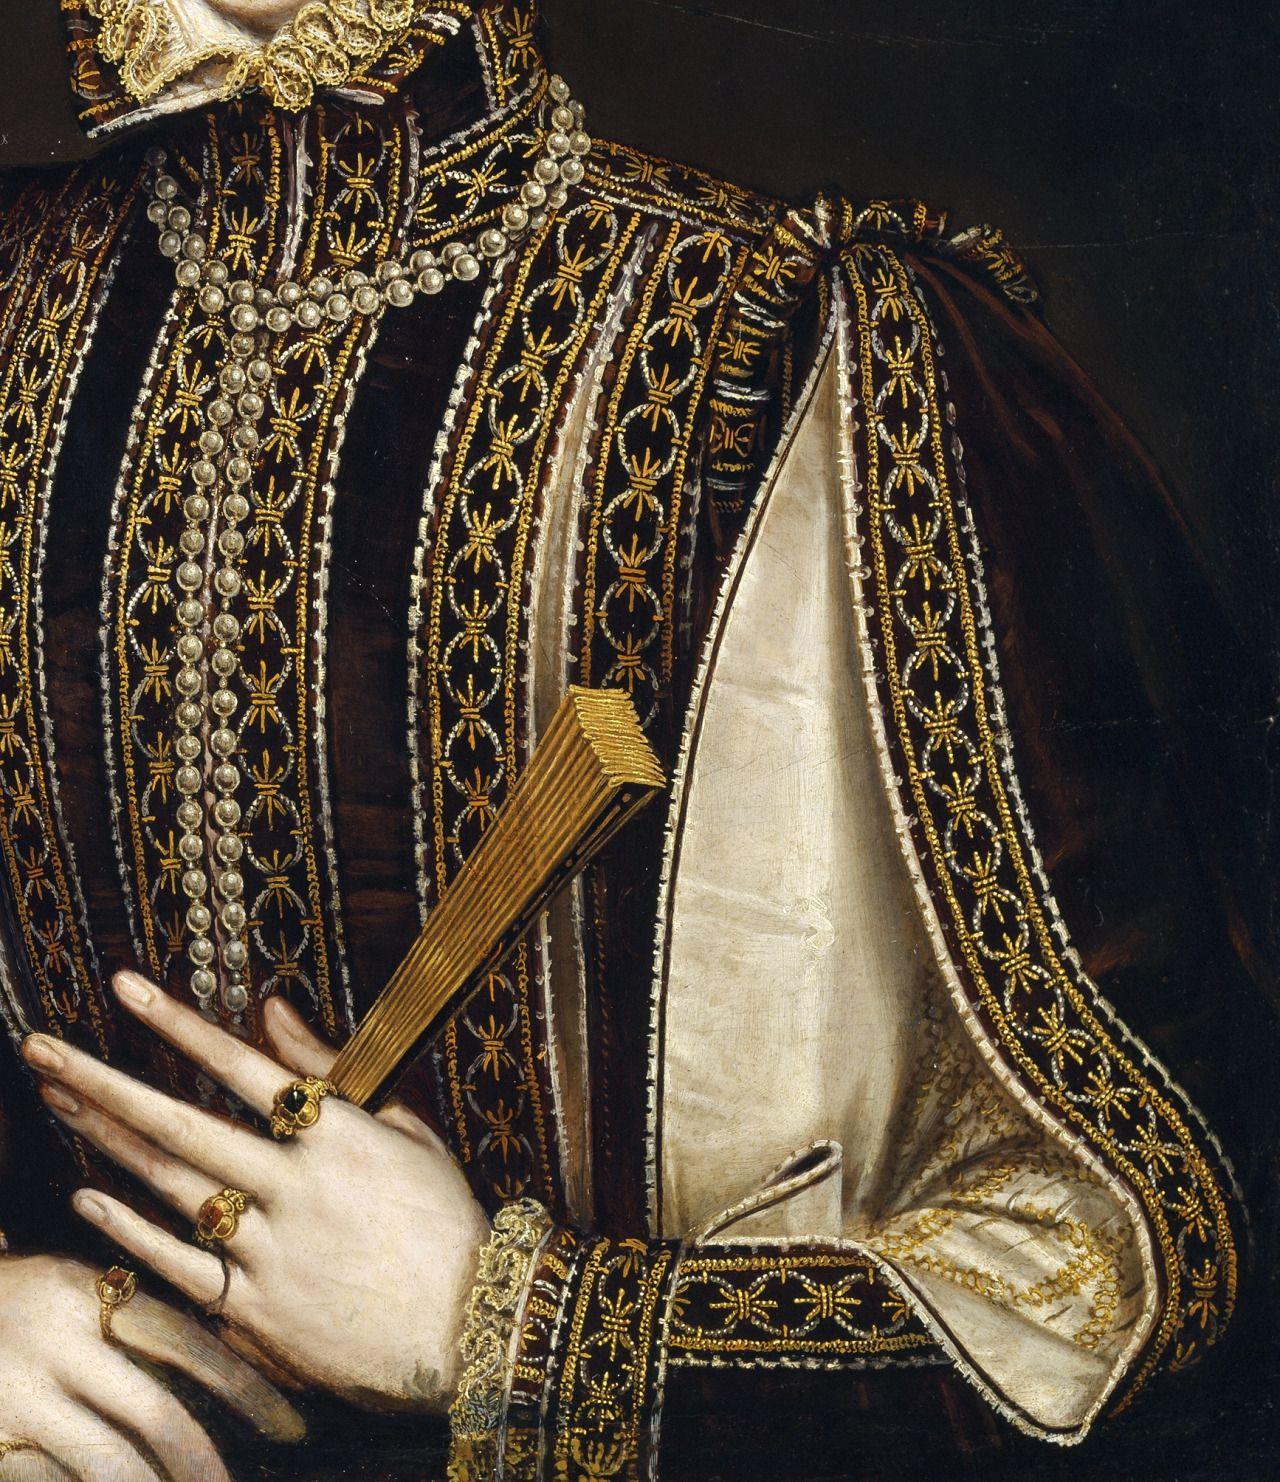 La dama del abanico (detail), Alonso Sánchez Coello.Between 1570 and 1573, oil on panel.Museo del Prado.